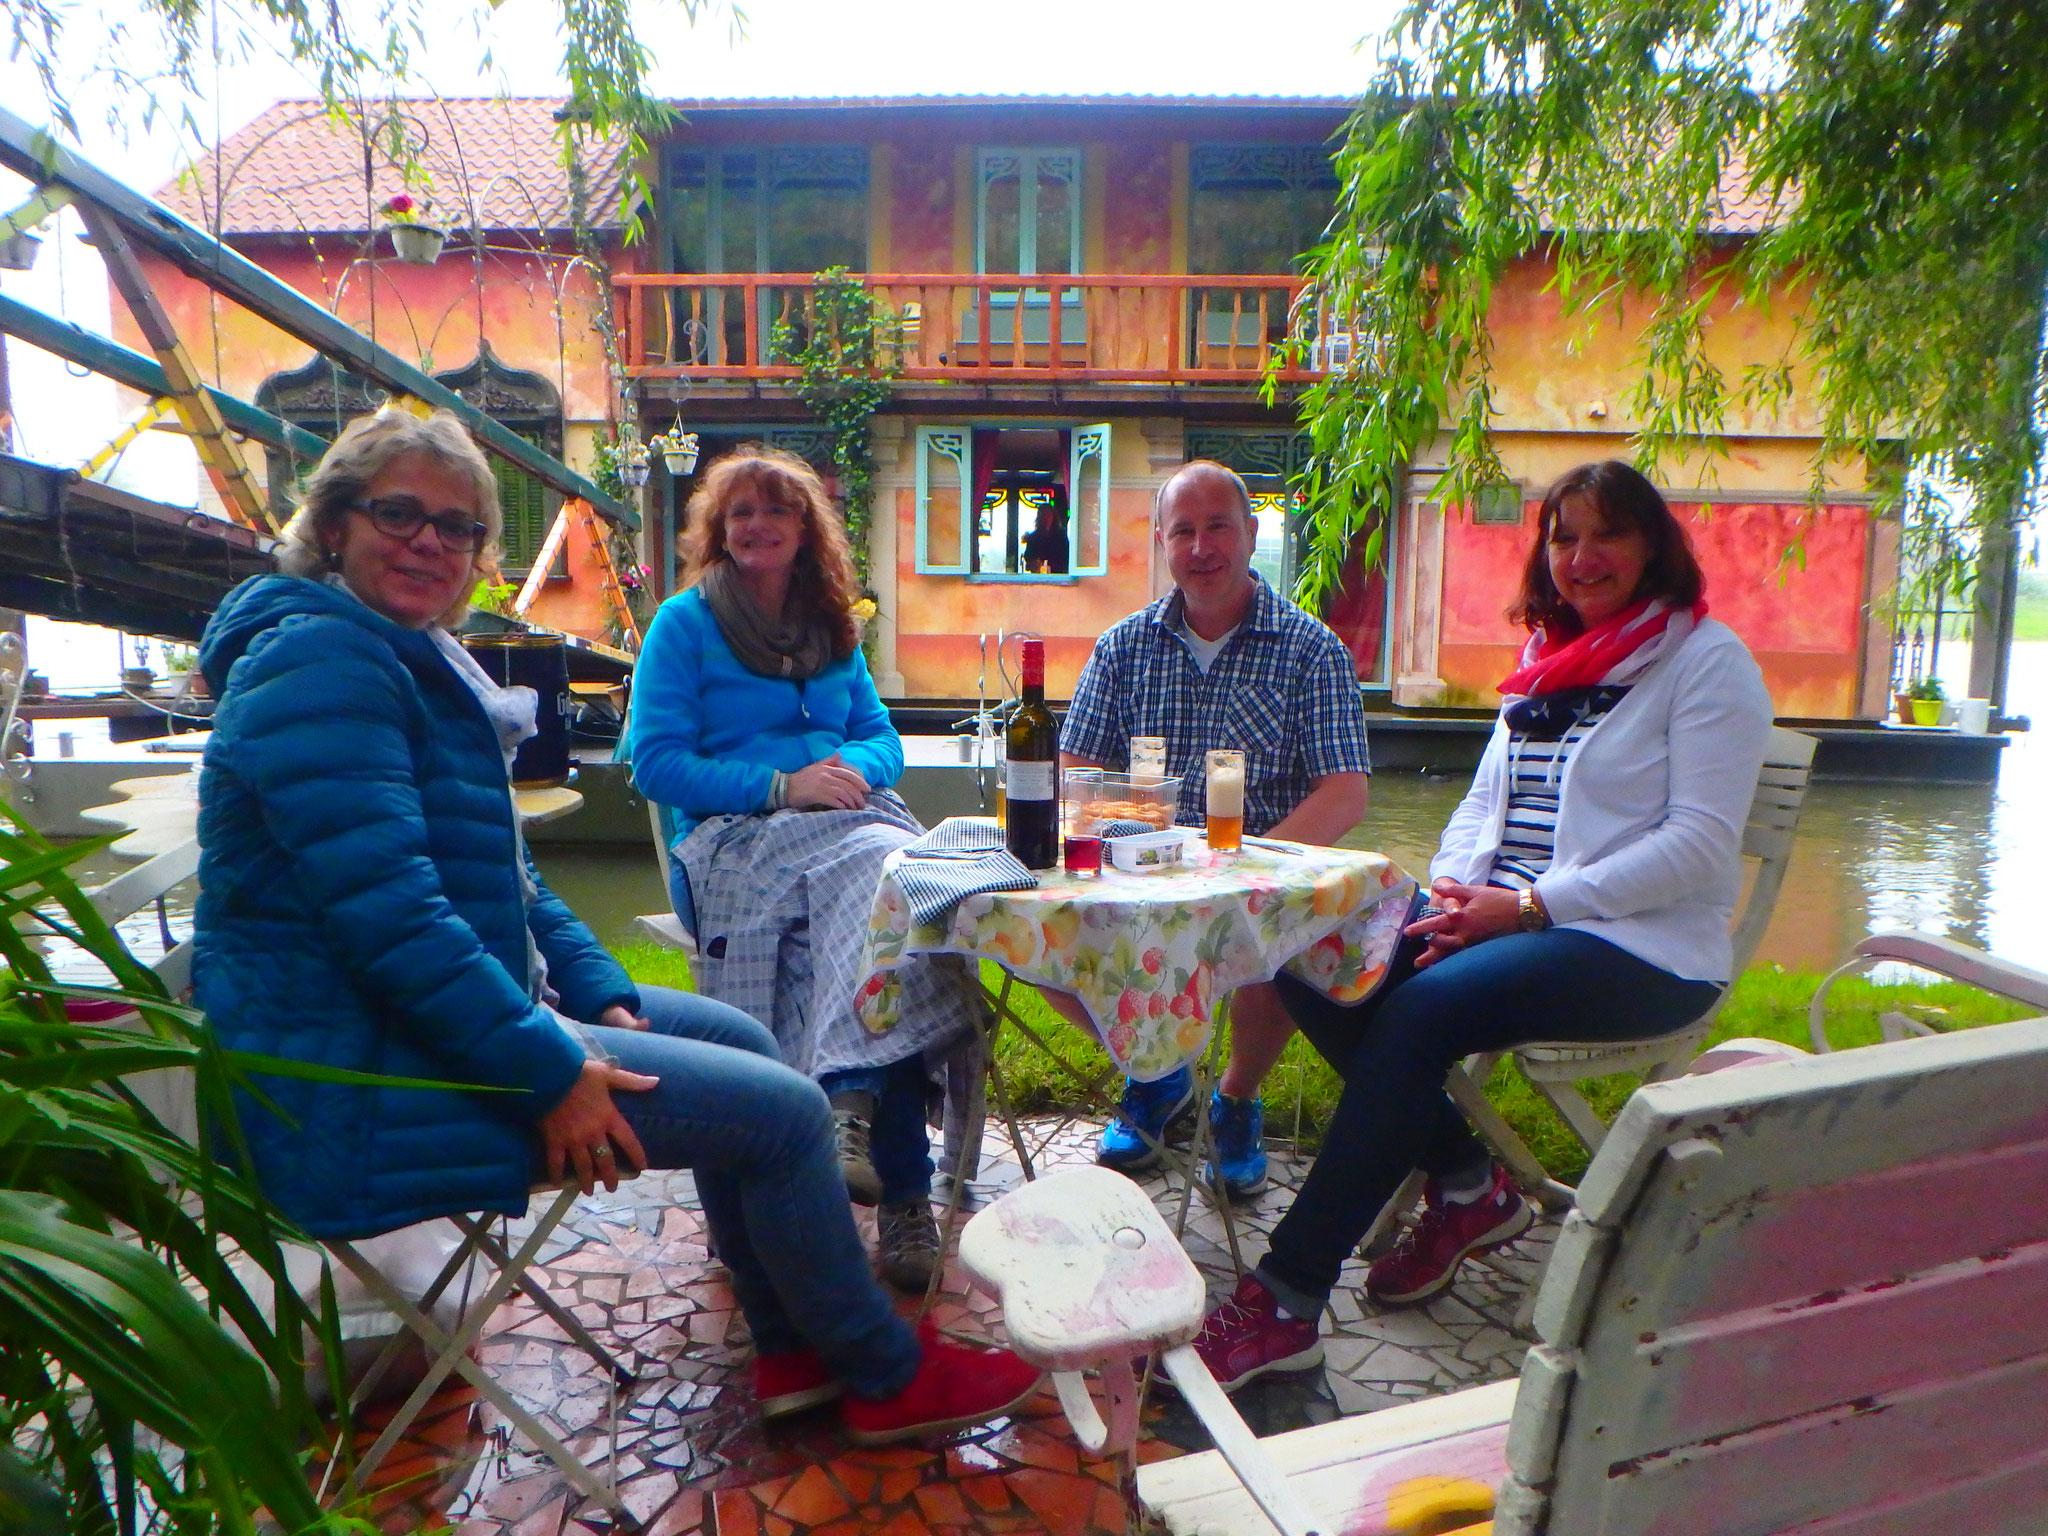 De gasten zitten lekker in de tuin van het Drijfpaleis.